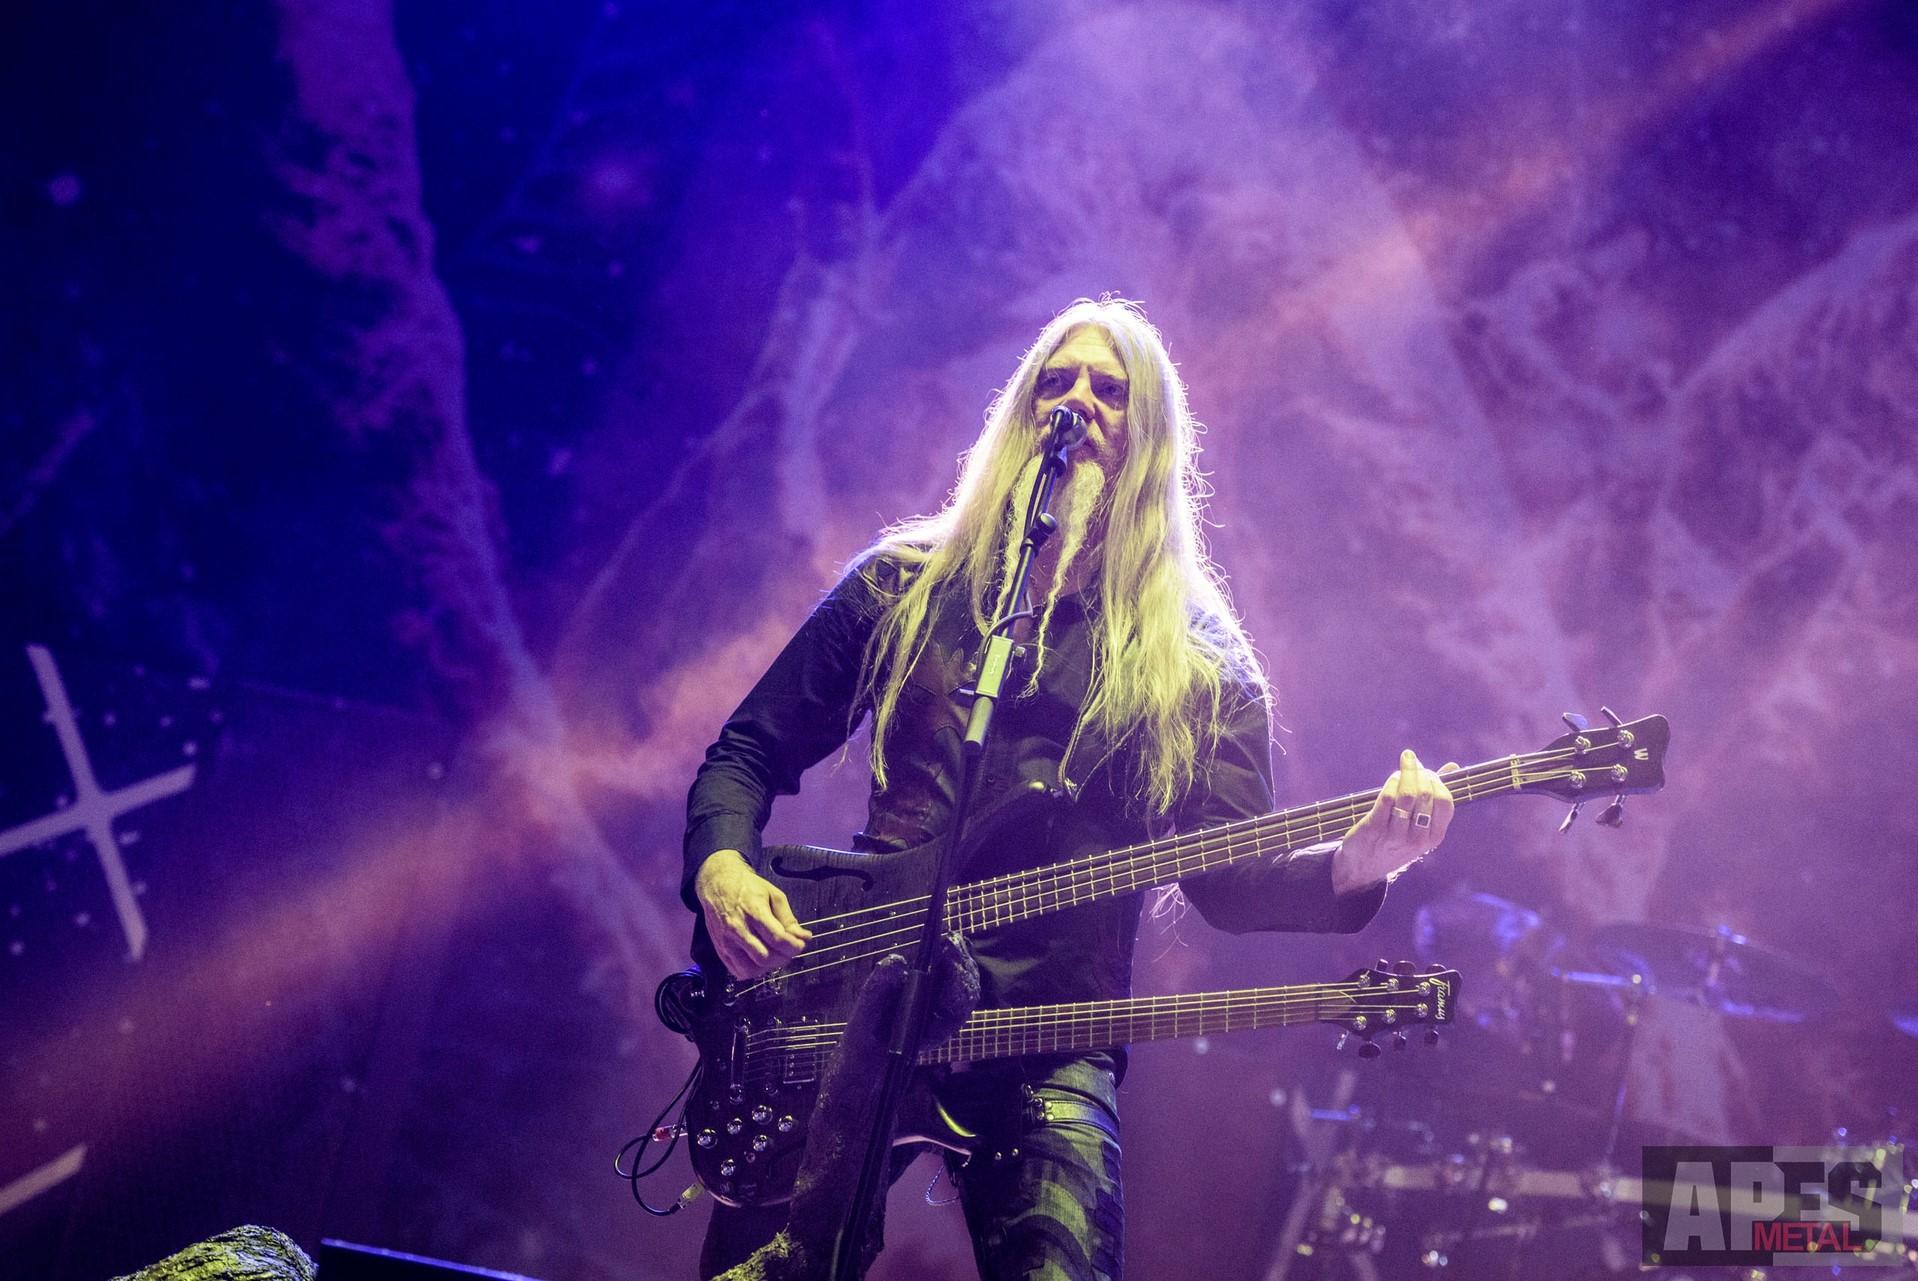 Nightwish wishmaster альбом скачать торрент есть файл.